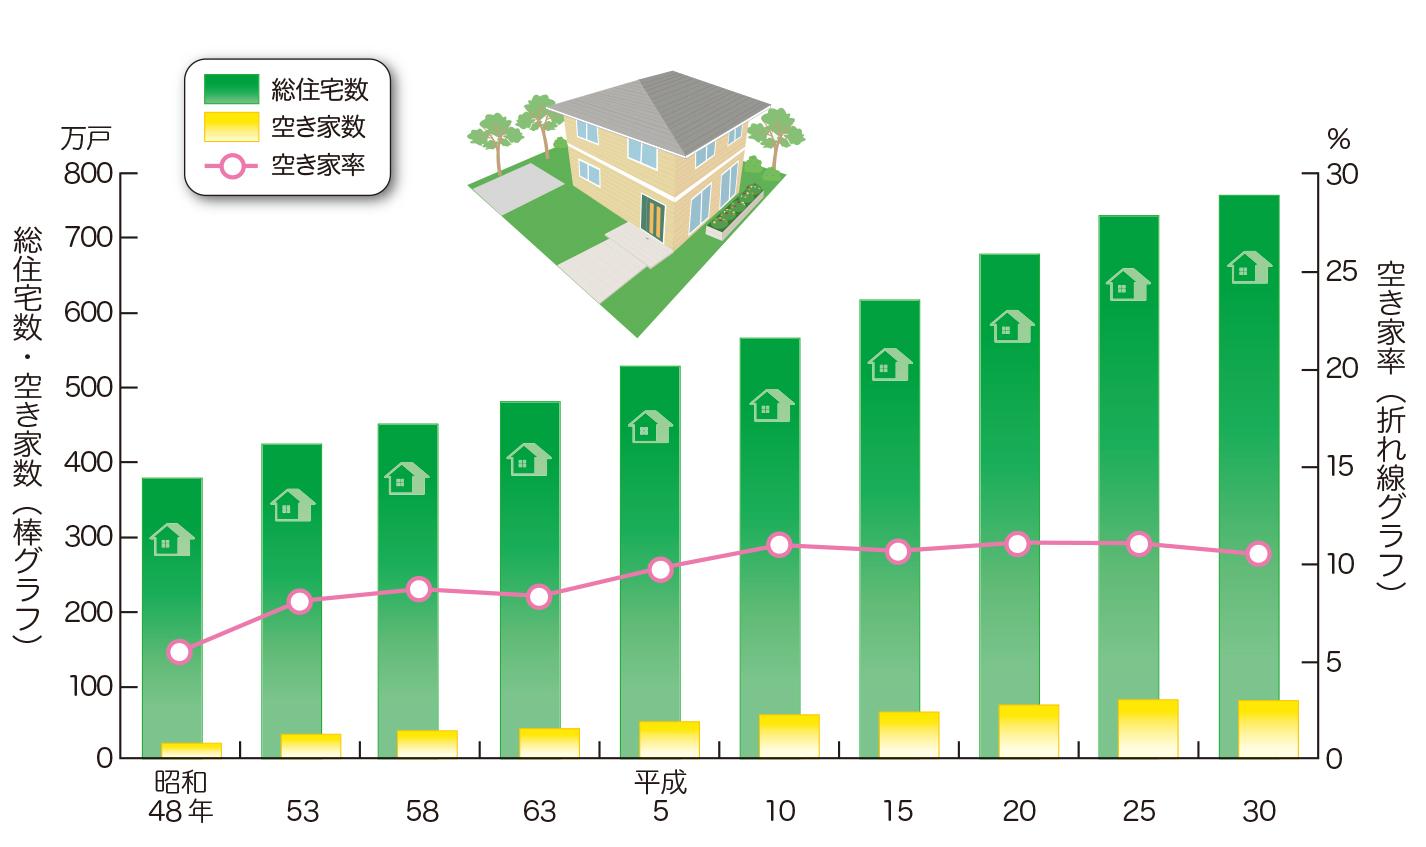 宅 建 統計 2020 內政部不動產資訊平台